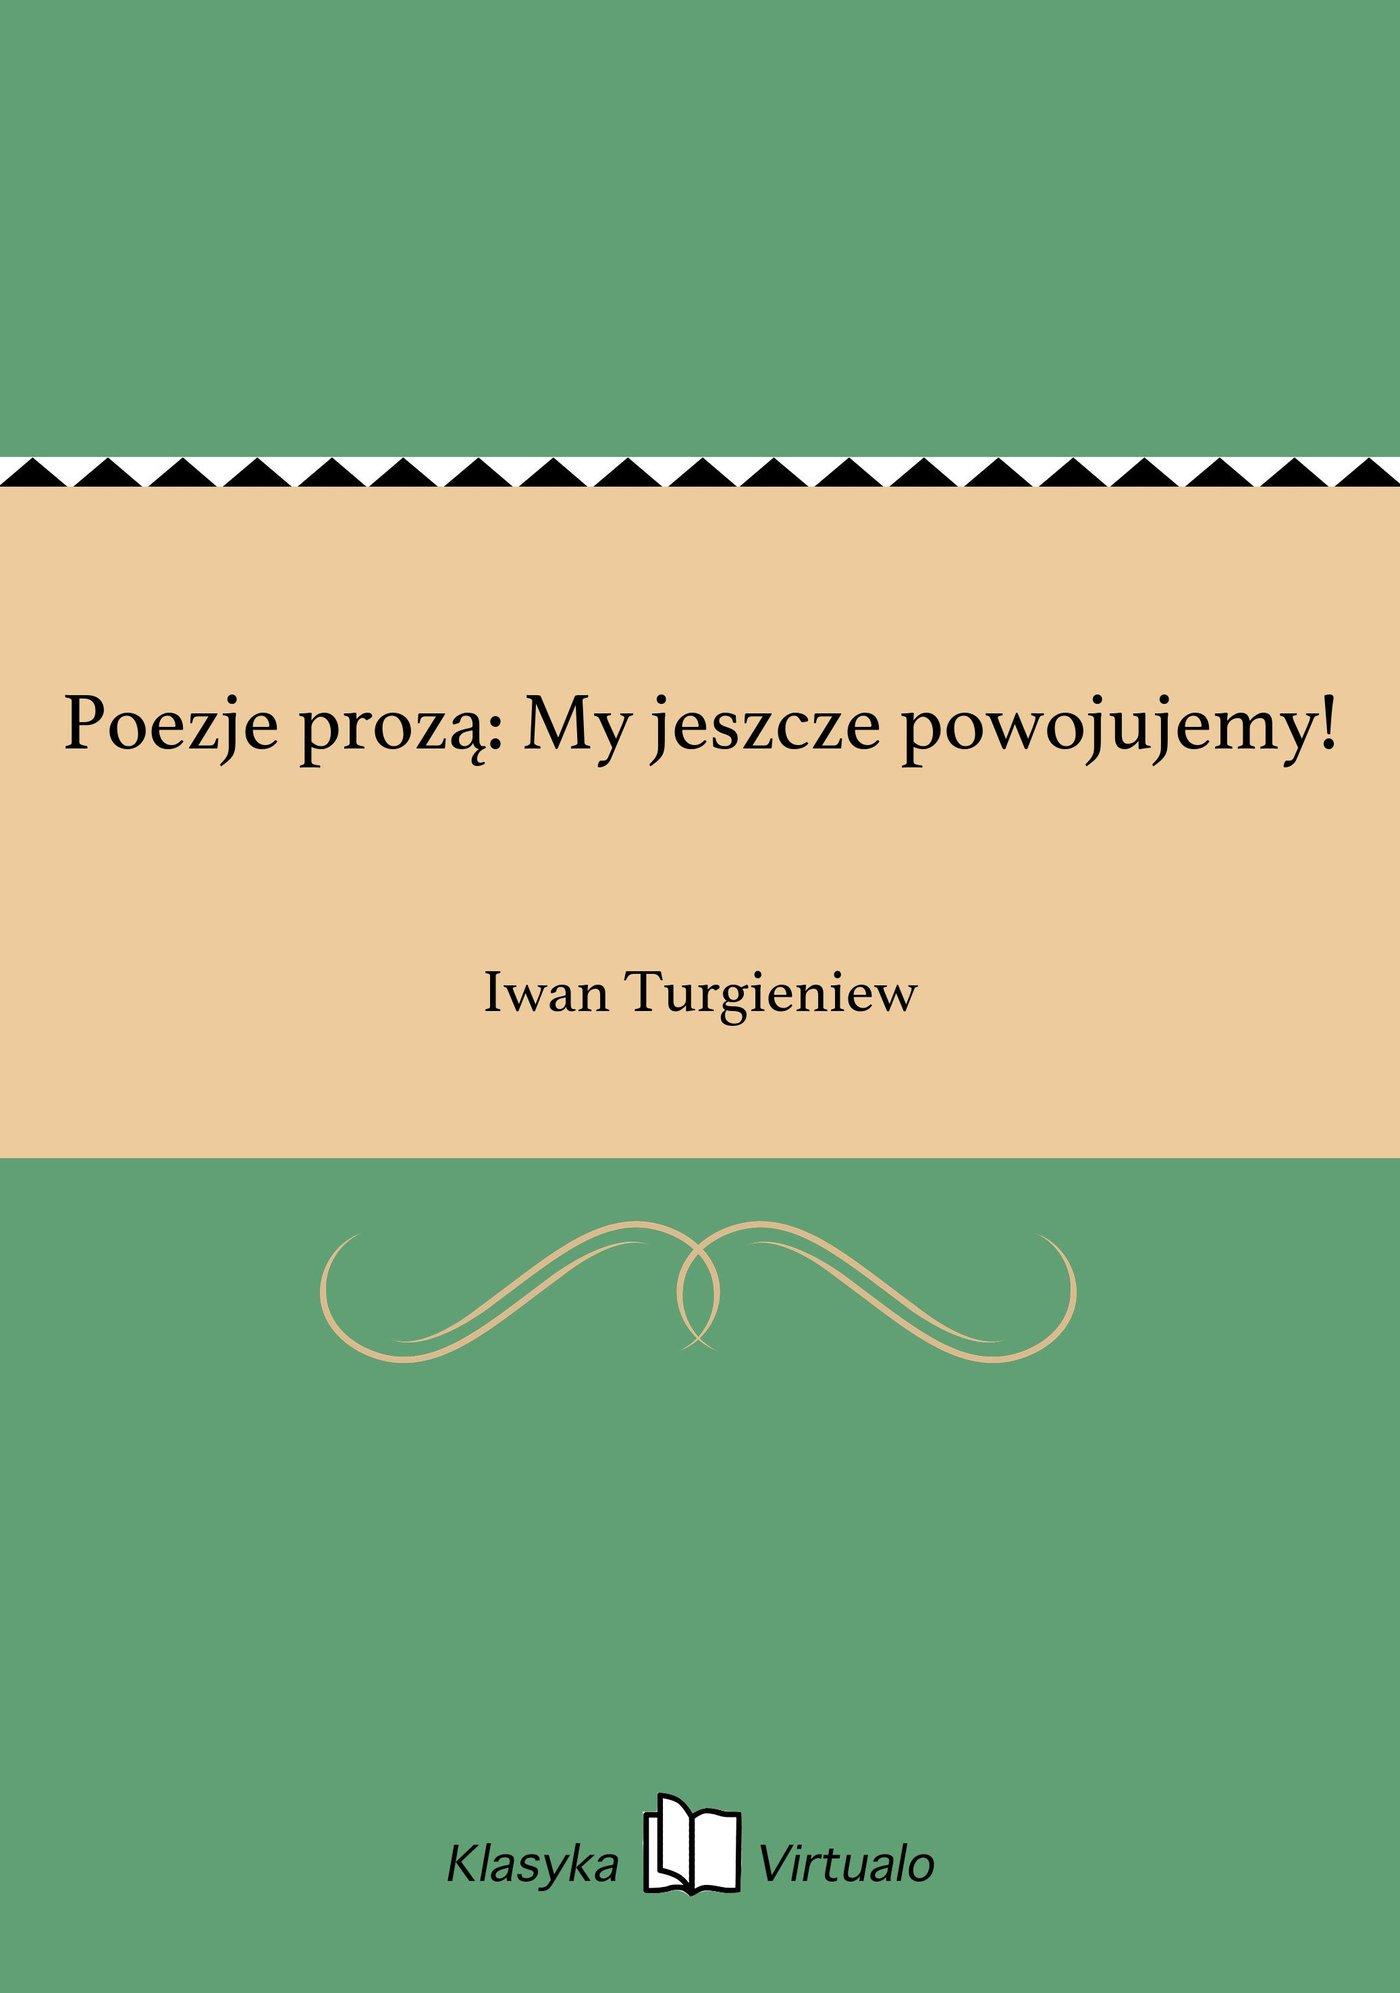 Poezje prozą: My jeszcze powojujemy! - Ebook (Książka EPUB) do pobrania w formacie EPUB